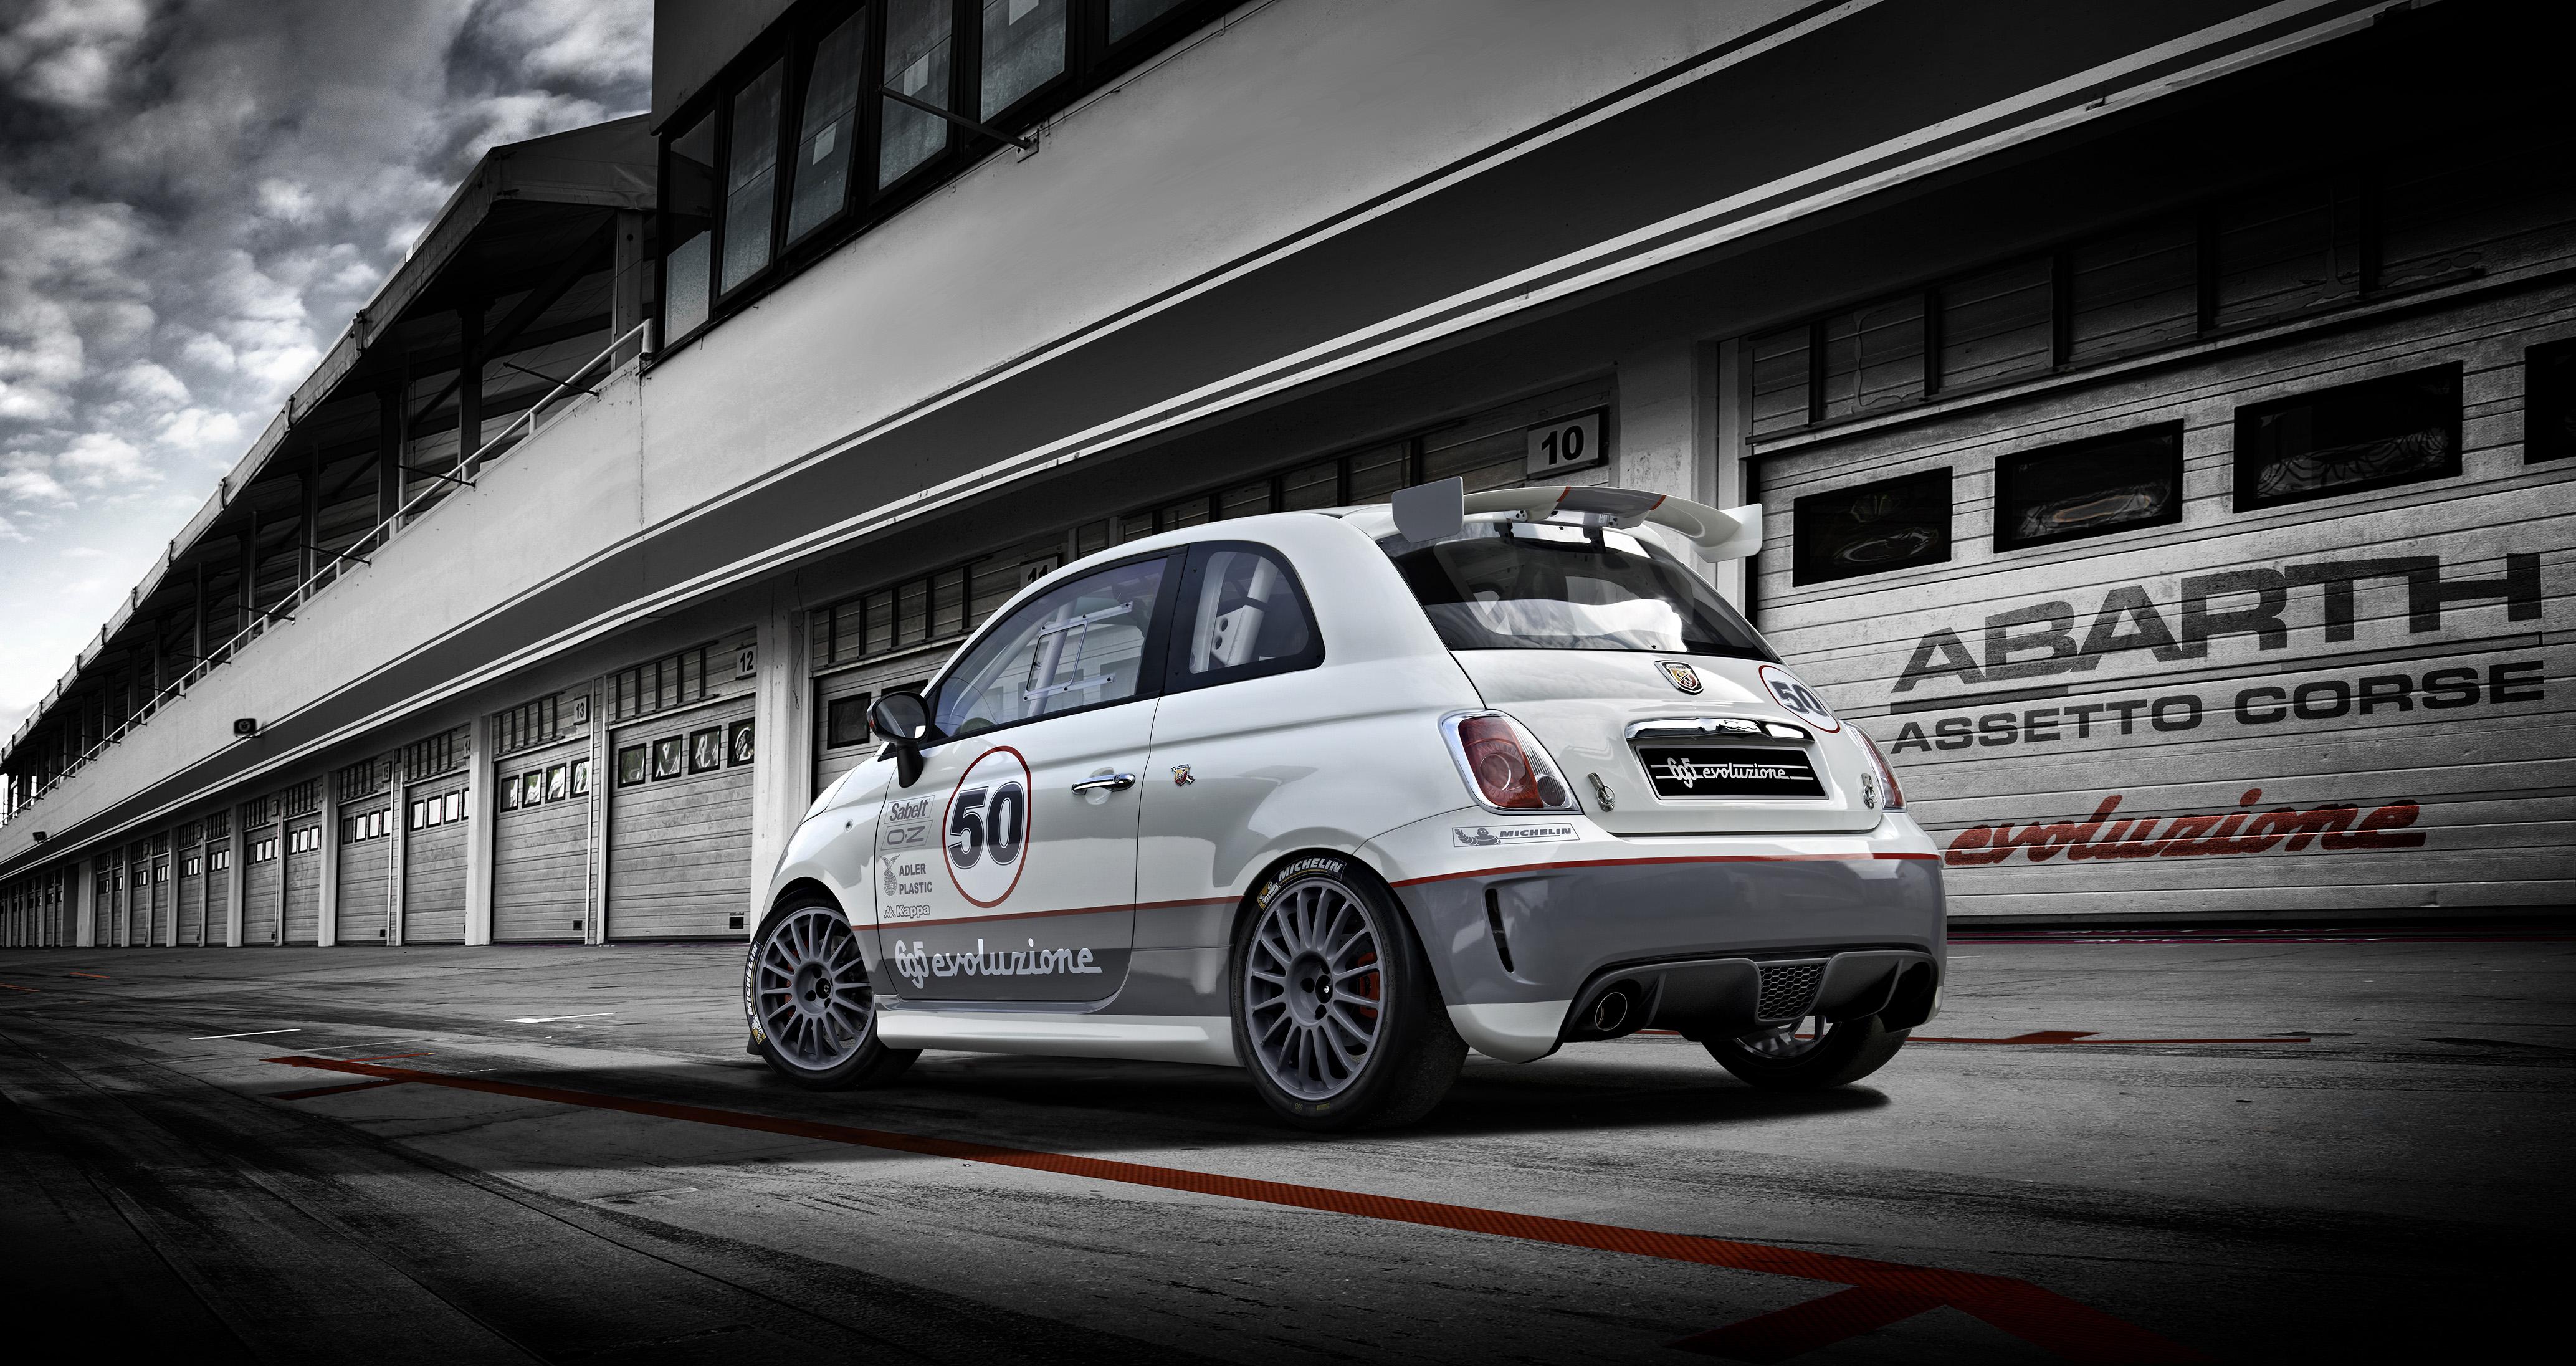 Abarth auf dem Internationalen Auto-Salon in Genf ...